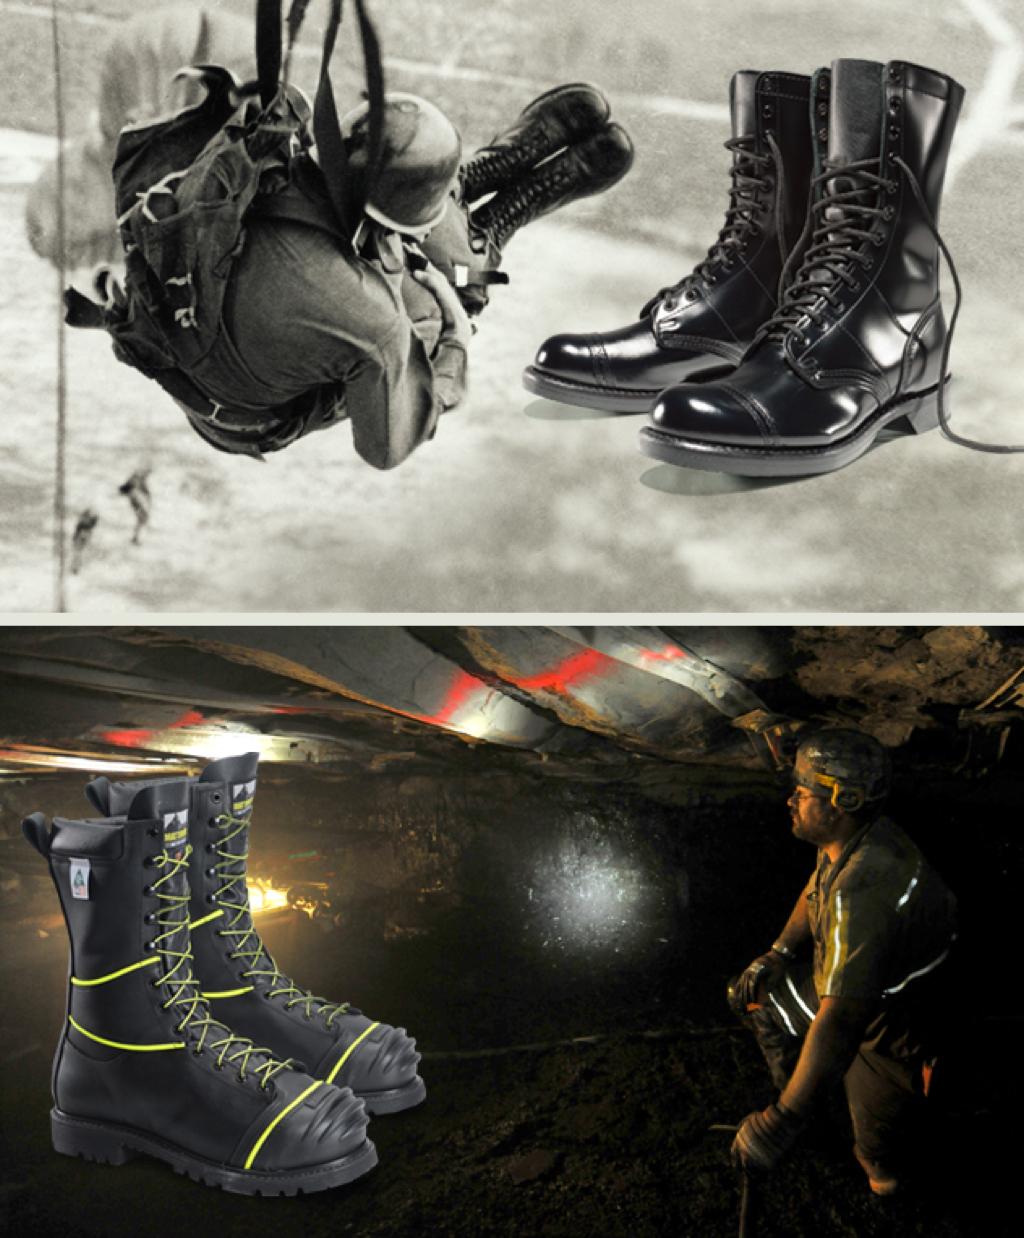 Paratrooper wearing original Corcoran jump boots and a miner wearing Matterhorn metguard boots